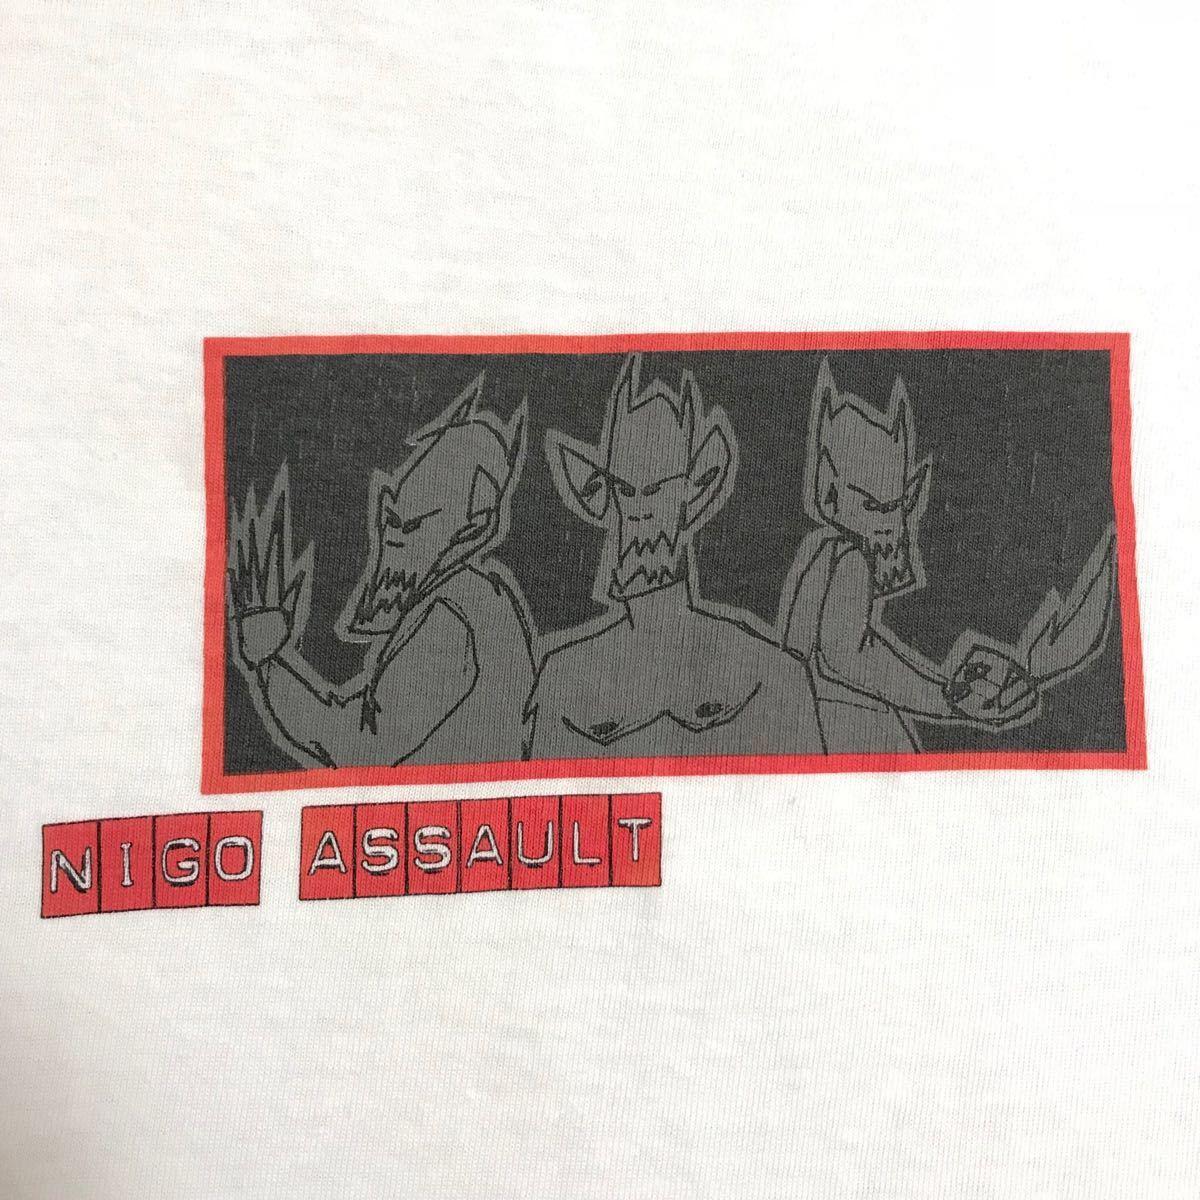 ★激レア★ 初期 futura unkle Tシャツ L anvil a bathing ape bape ベイプ 90s オールド ビンテージ stash oneita nowhere 裏原宿 kaws_画像2